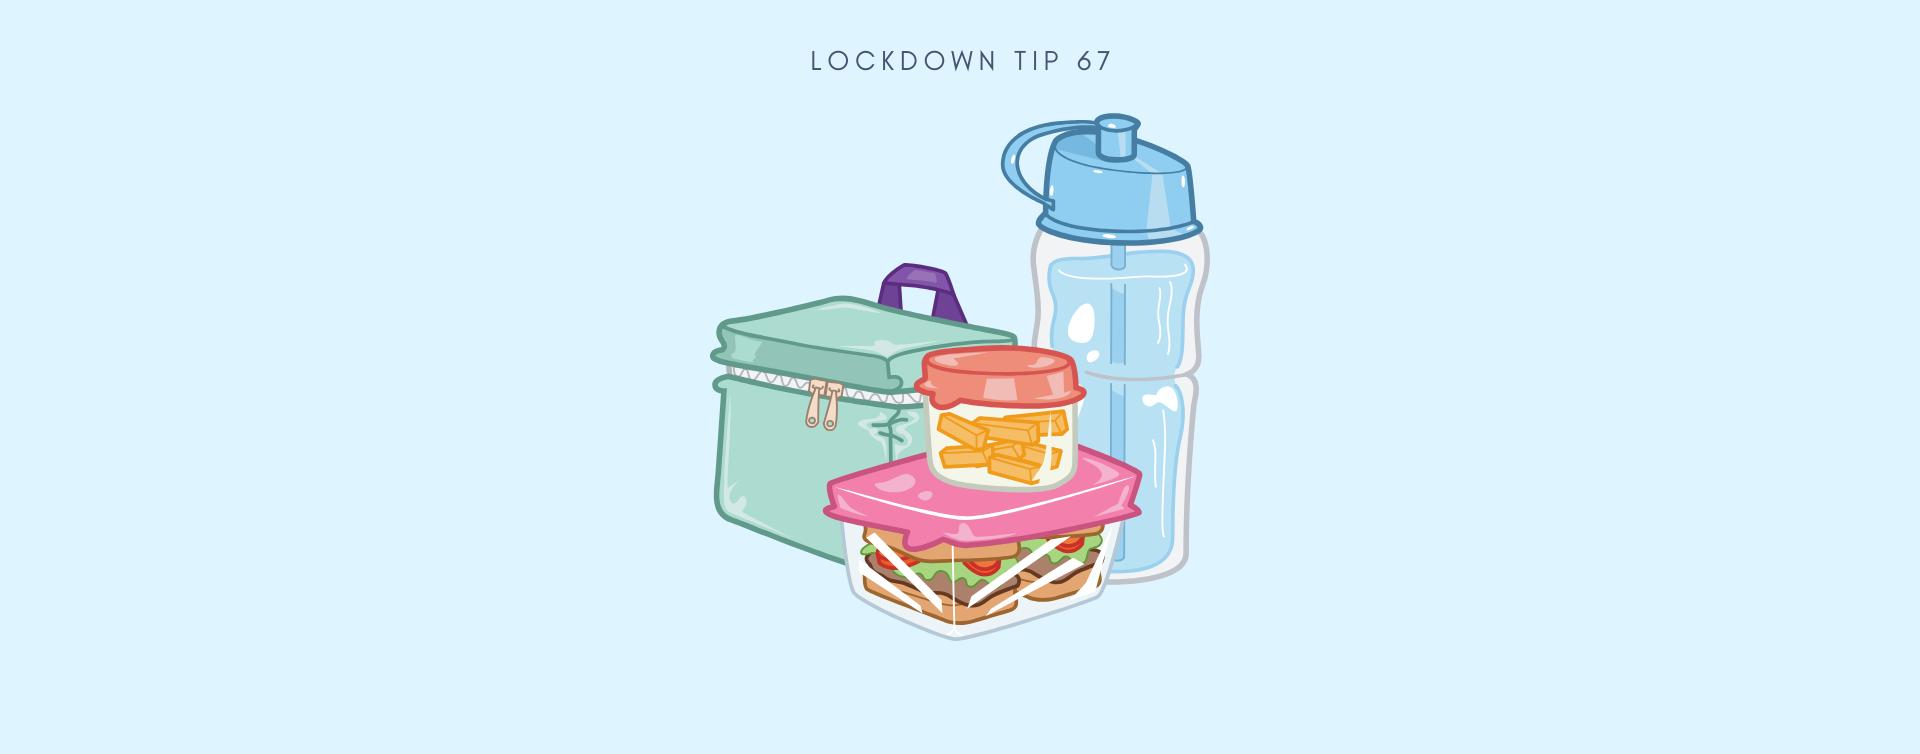 MCSA Lockdown Tip 67